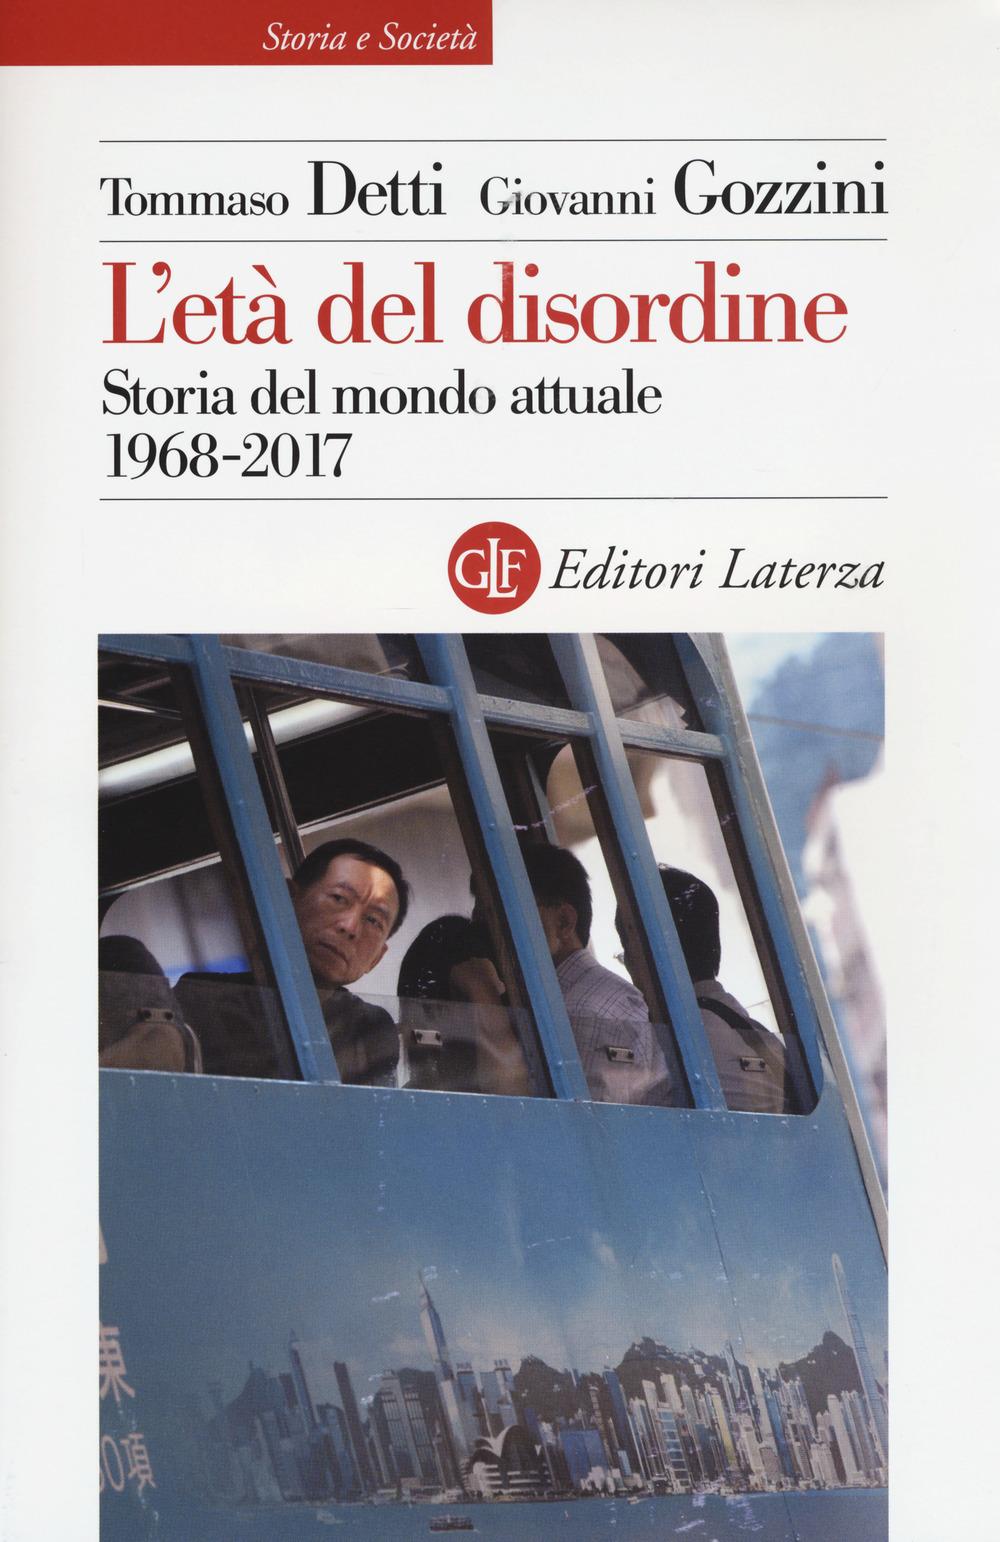 ETÀ DEL DISORDINE. STORIA DEL MONDO ATTUALE 1968-2017 (L') - 9788858130674